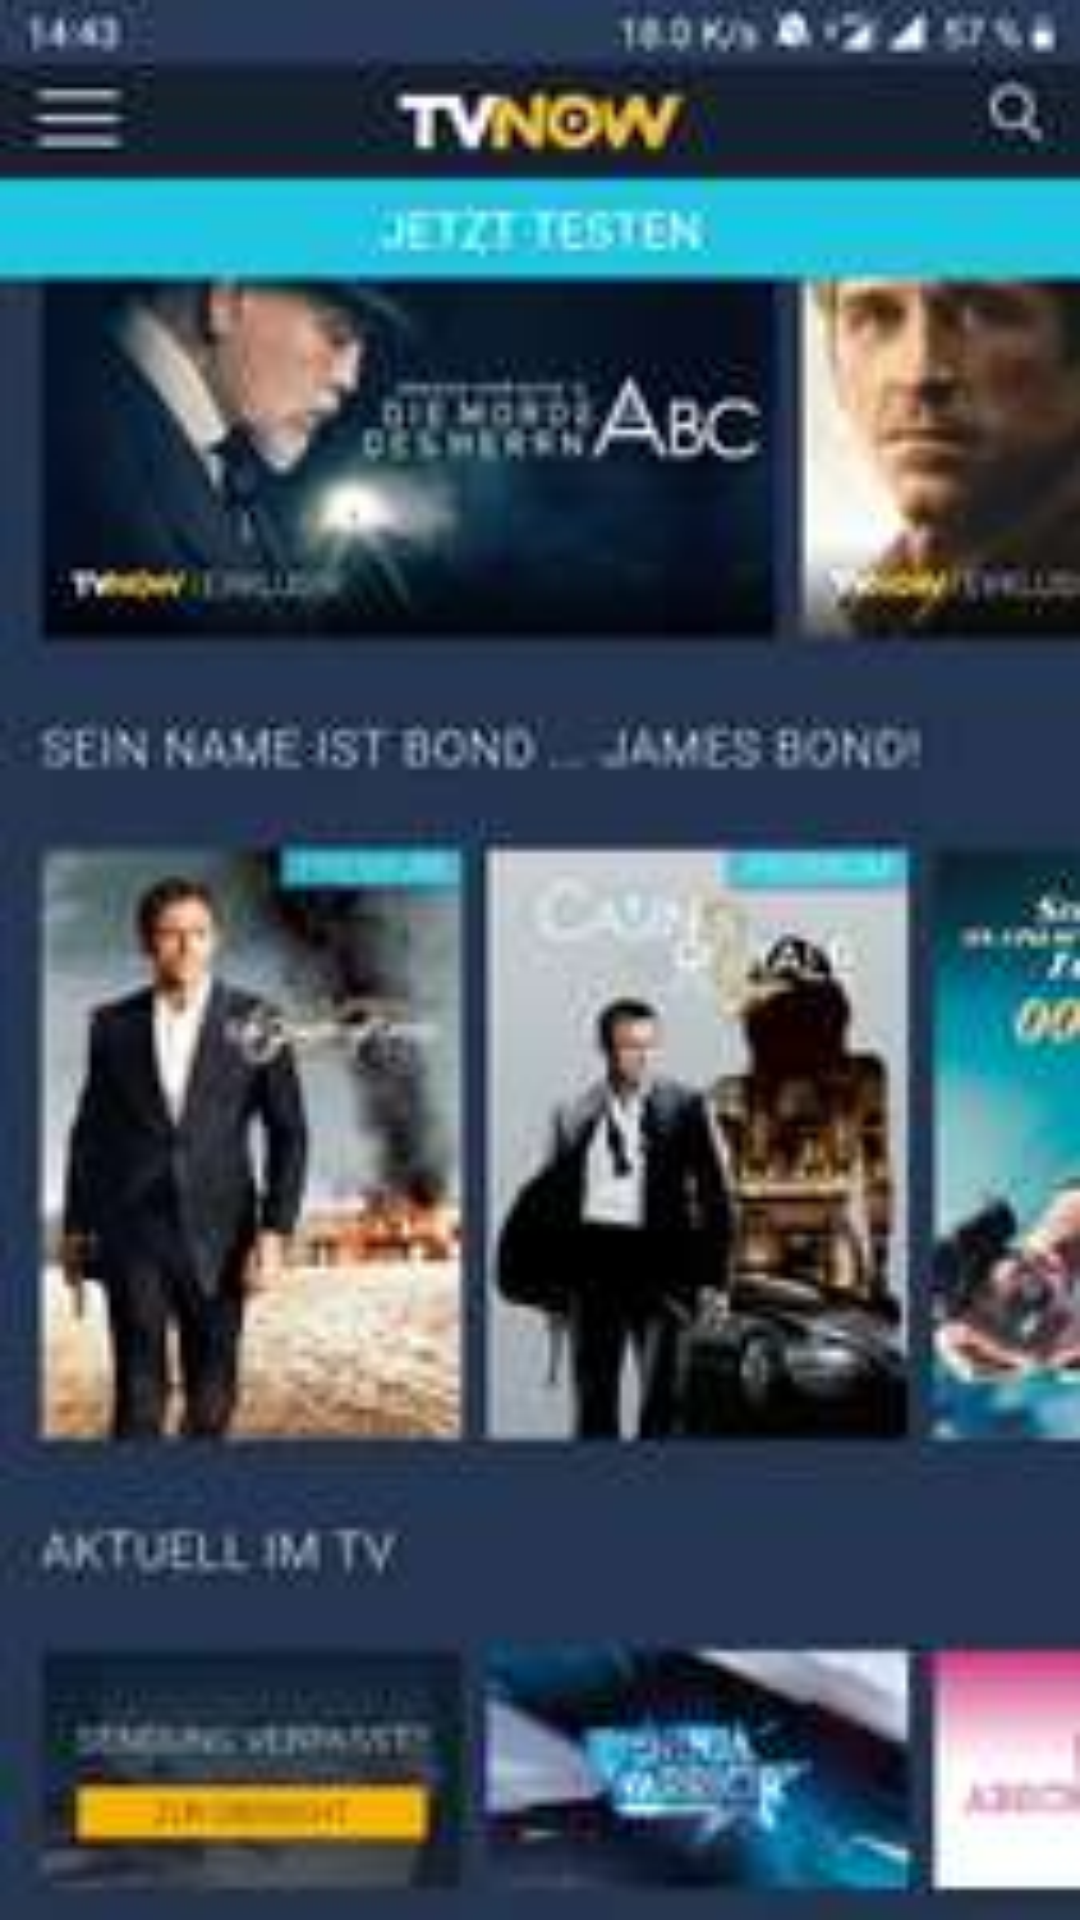 Fast alle James Bond Spielfilme auf Tvnow ansehen - kostenlos im 30 Tage Probezugang (für Neukunden)